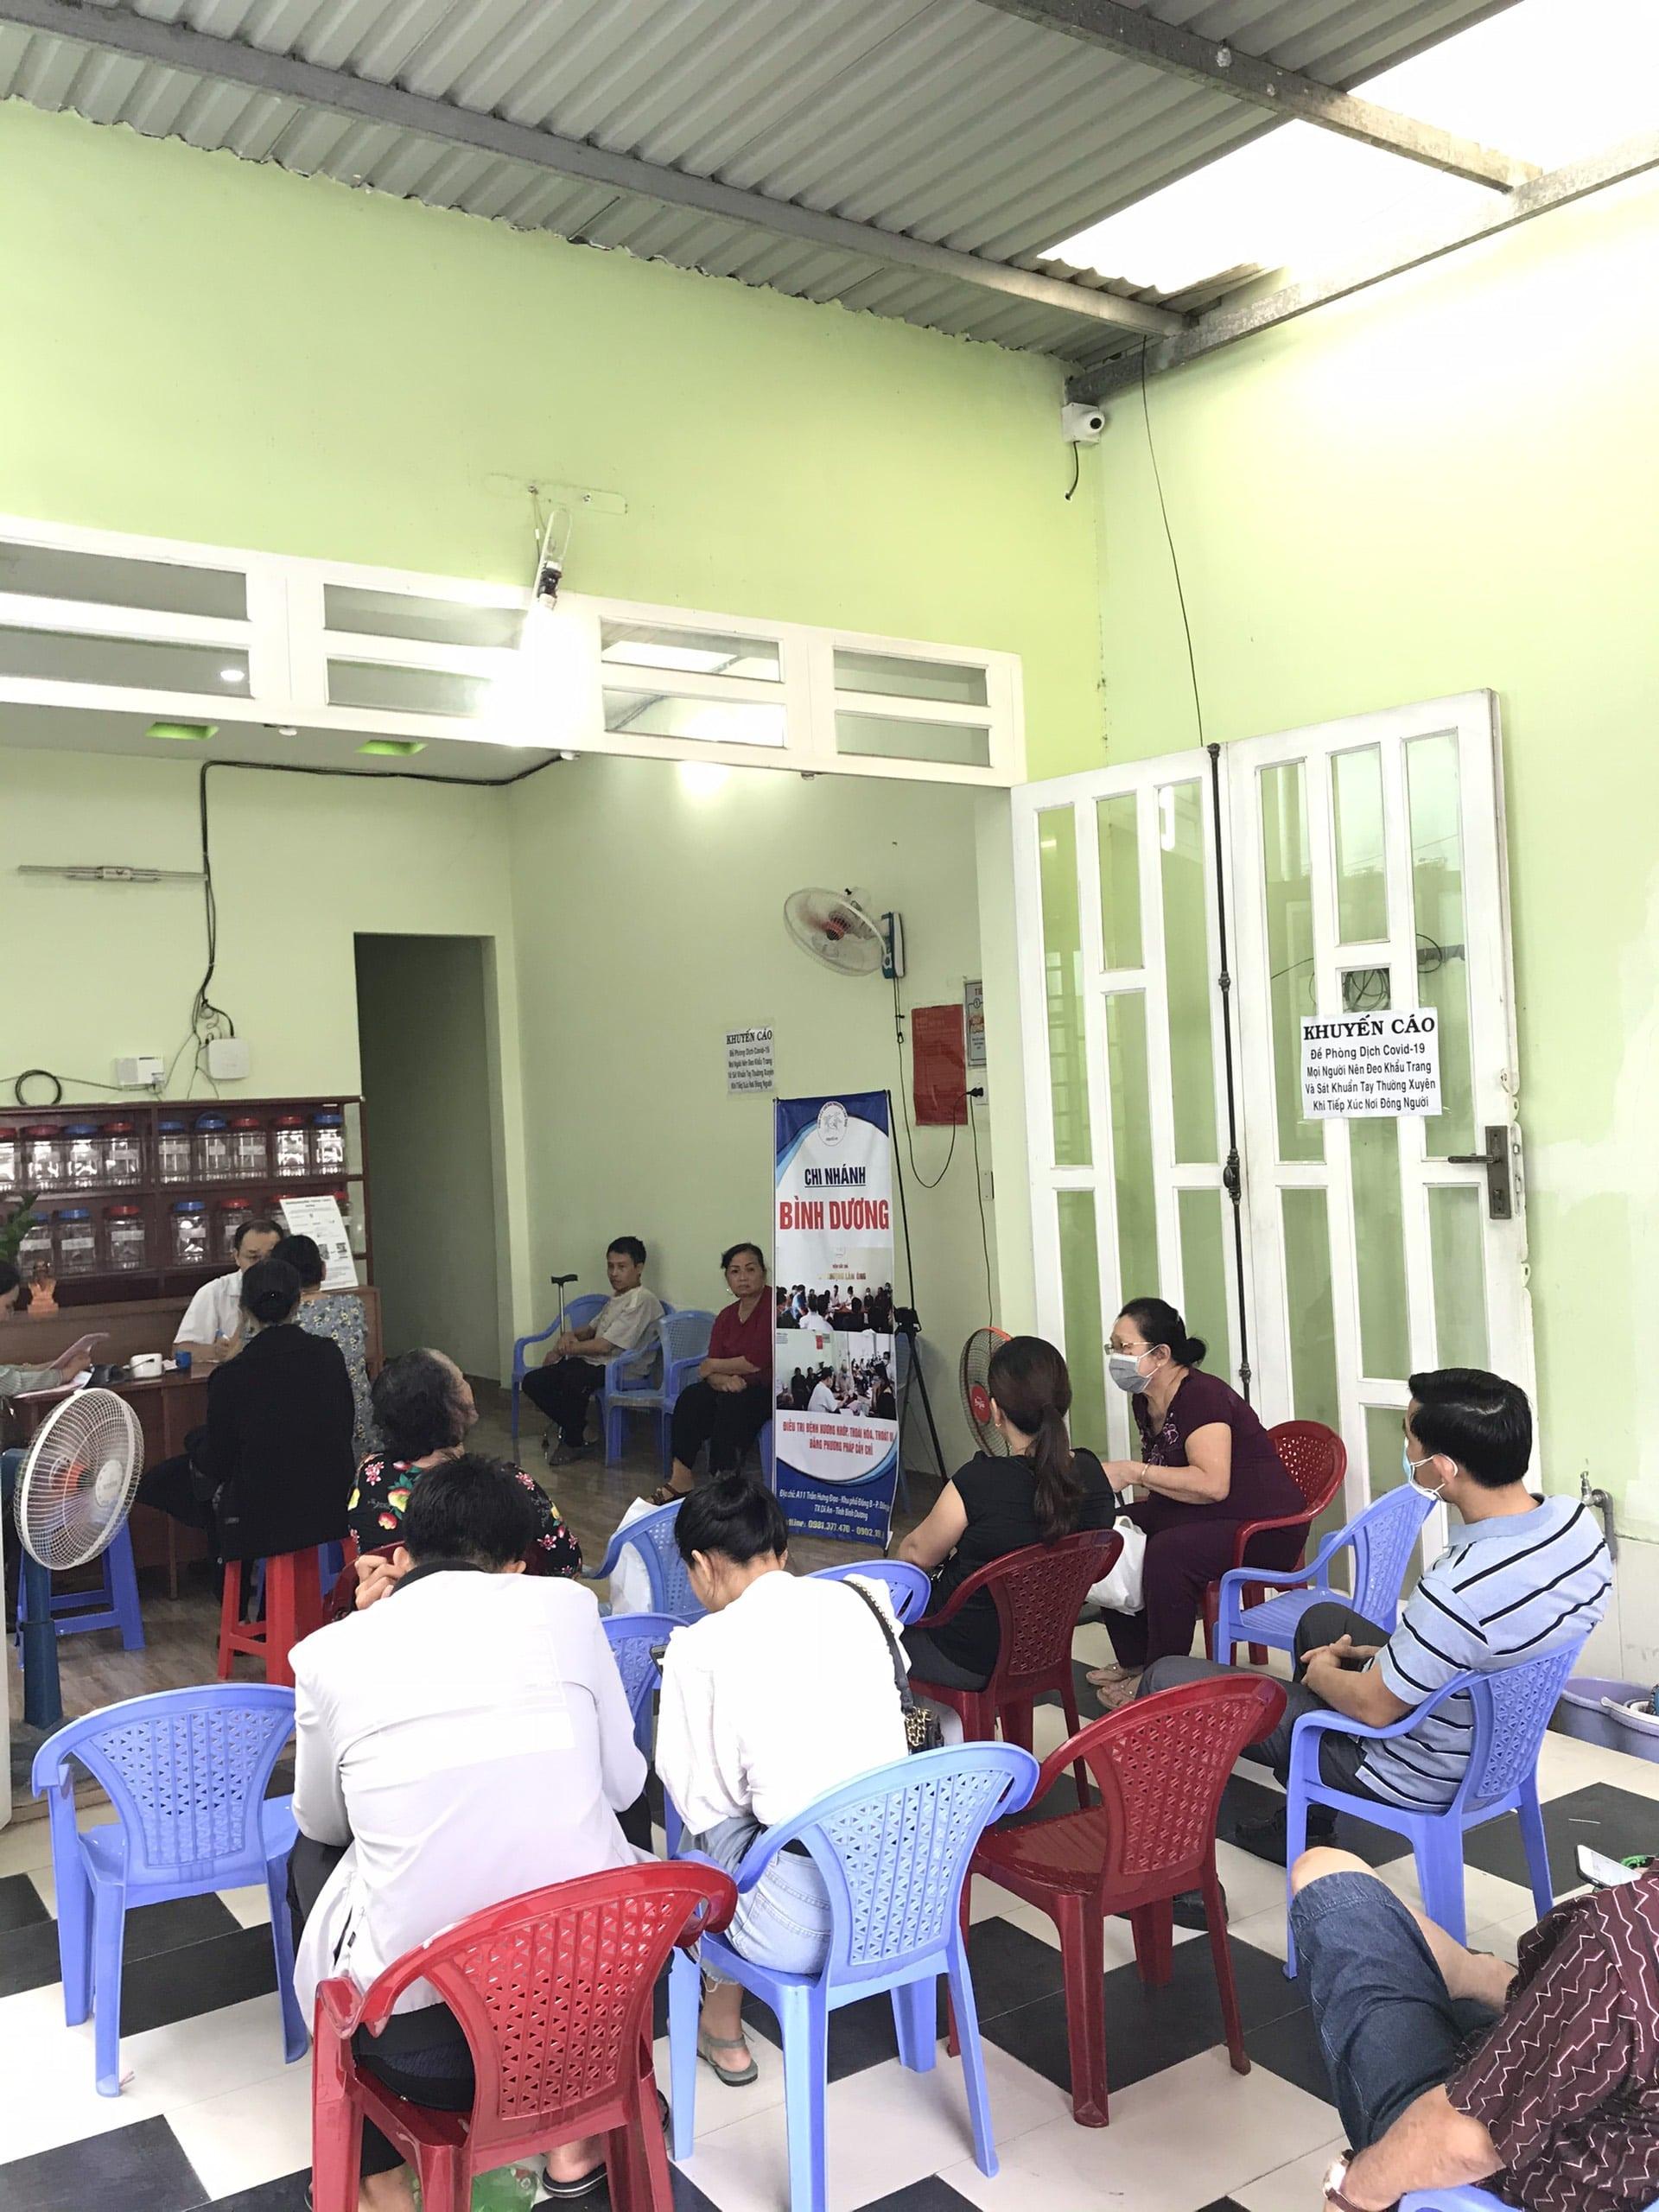 VTV8 | Ths.Bs Ngô Quang Hùng – Người Ứng Dụng Thành Công Cấy Chỉ Catgut Vào Điều Trị Bệnh Xương Khớp